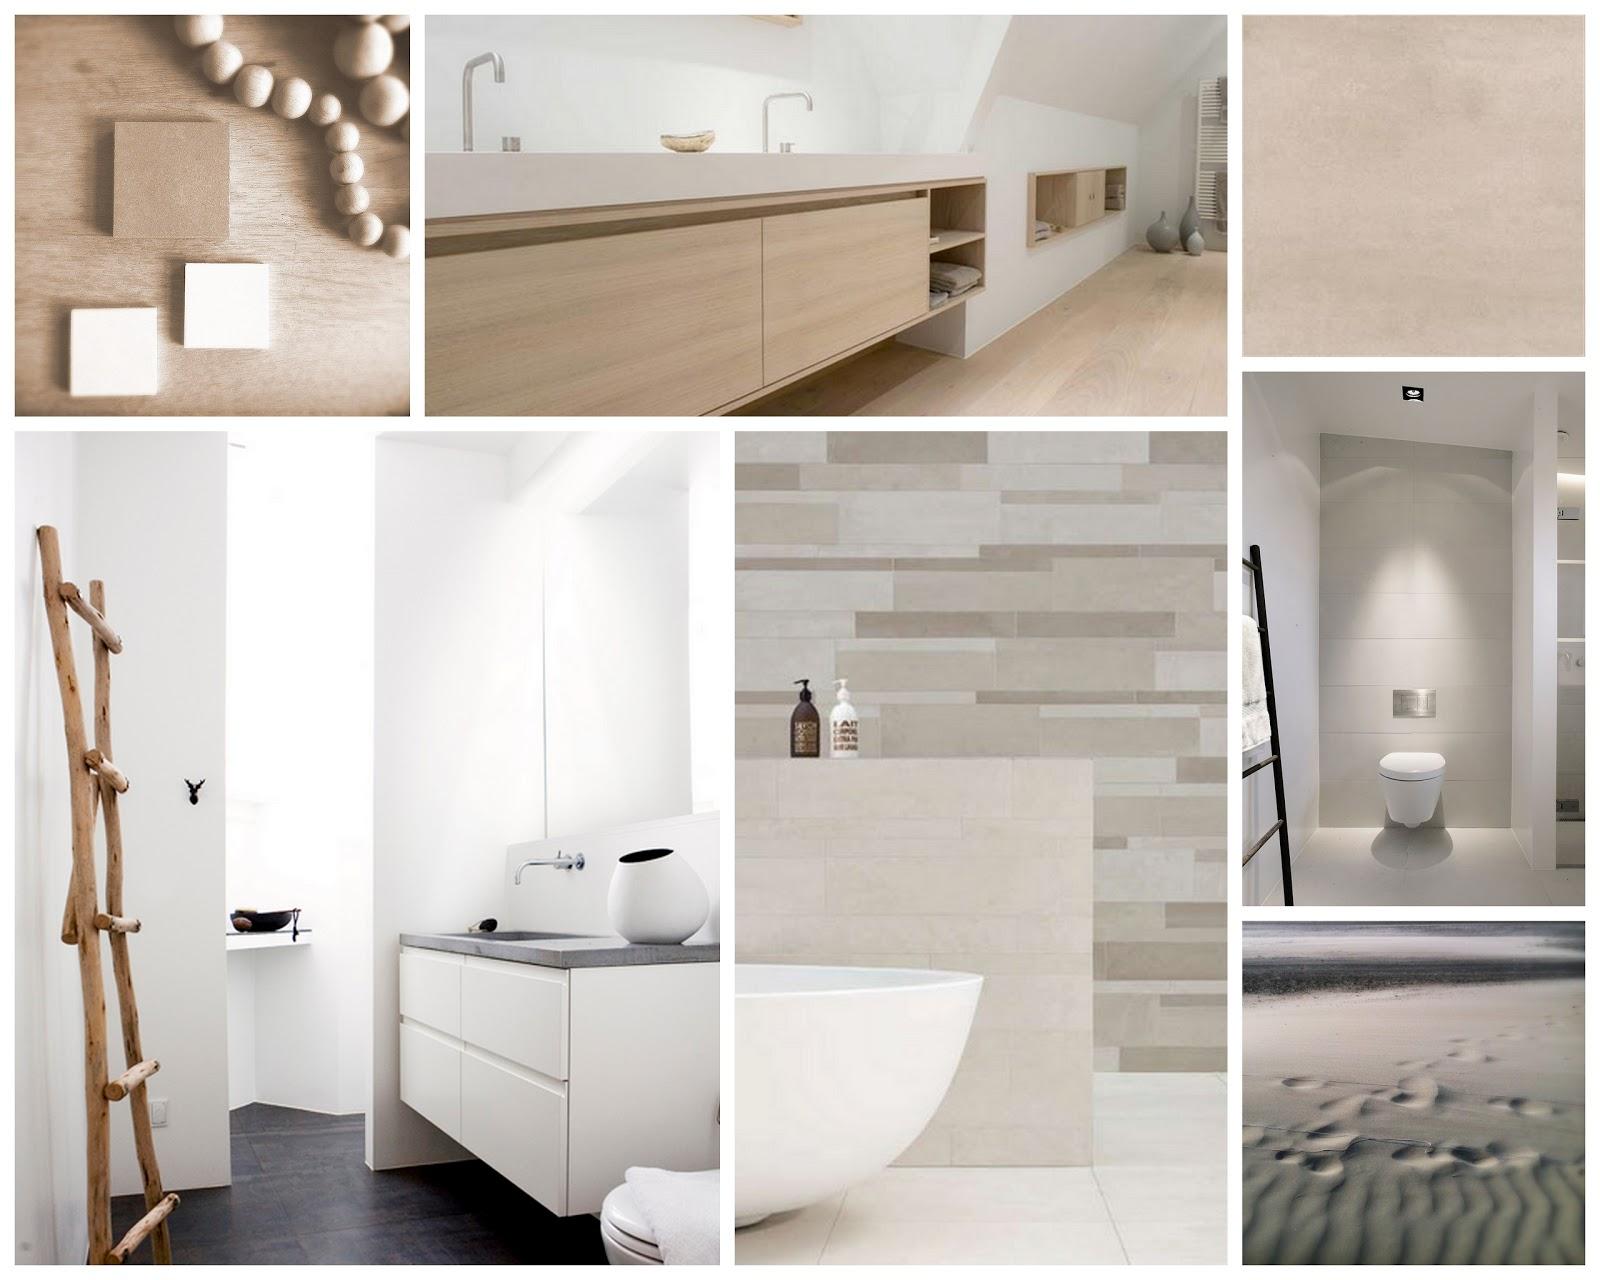 Voorbeeld Grote Badkamer : Grote badkamer. great zoek je een groot formaat tegel om te